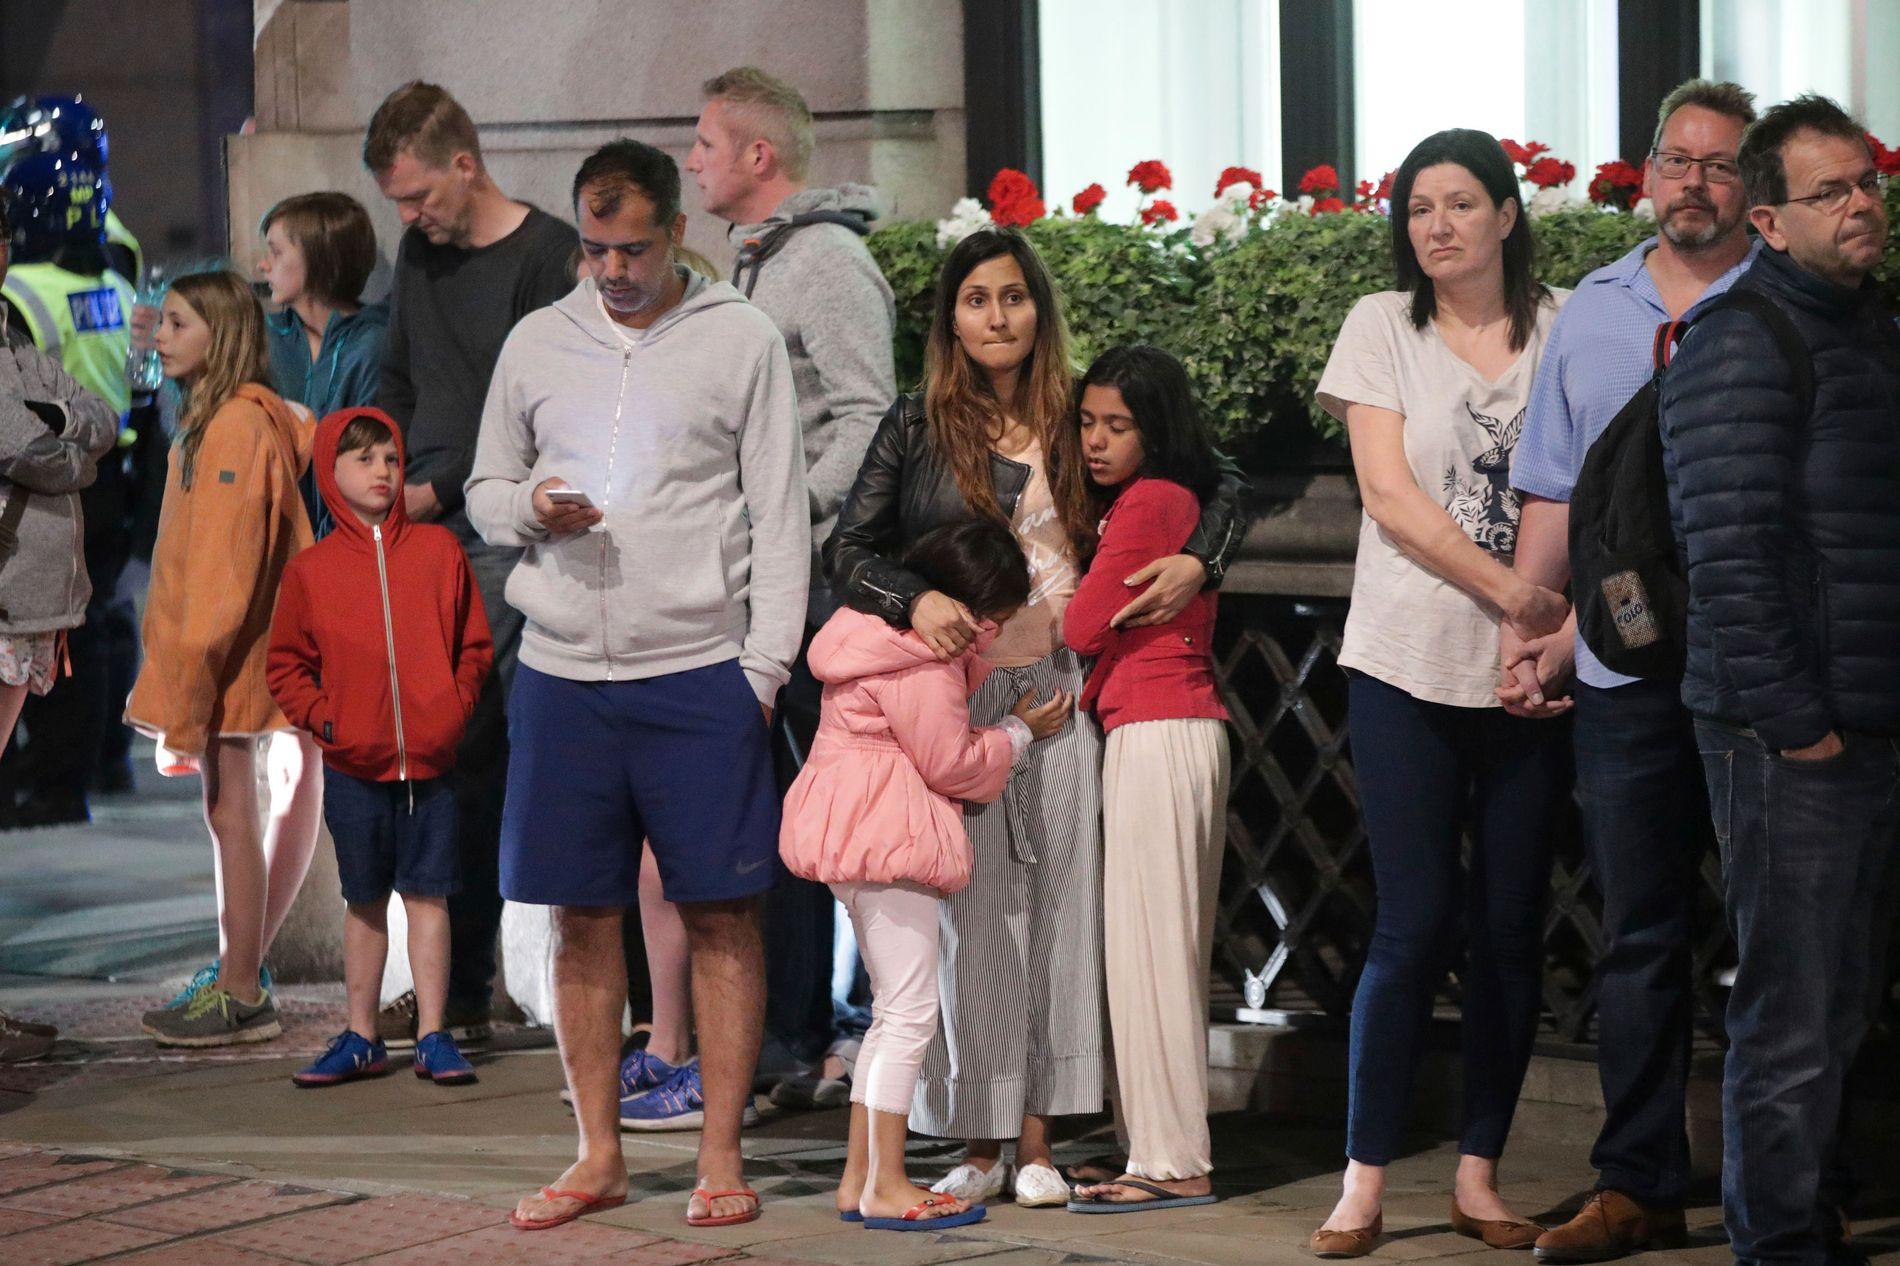 EVAKUERES: Gjester ved hotellet Premier Inn Bankside Hotel ble evakuert og samlet på Upper Thames Street etter terrorangrepet i sentrale London lørdag kveld. Norske forsikringsselskaper dekker både tidlig hjemreise og avbestilling av planlagt reise til London de nærmeste dagene.